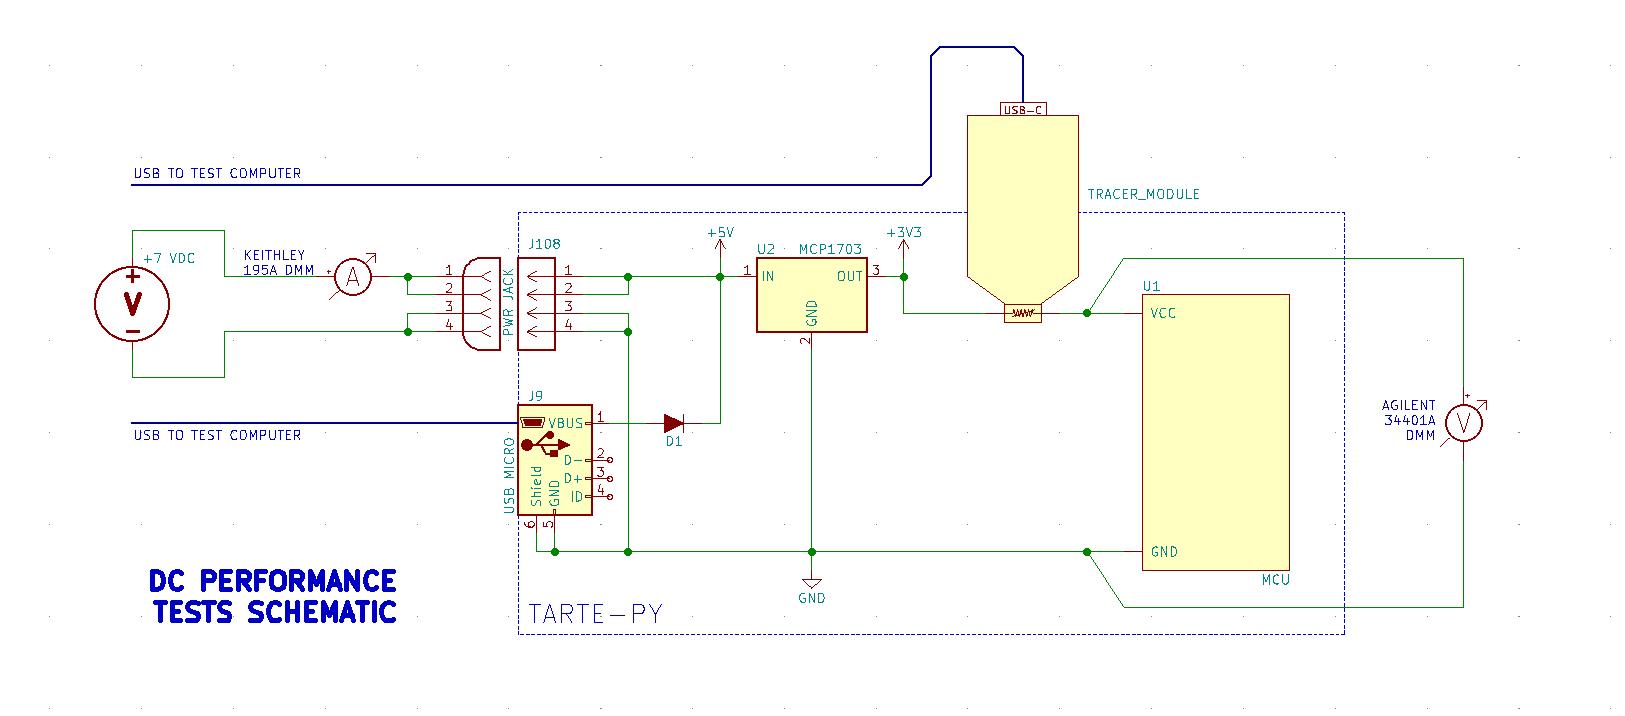 dc-performance-test-schematic